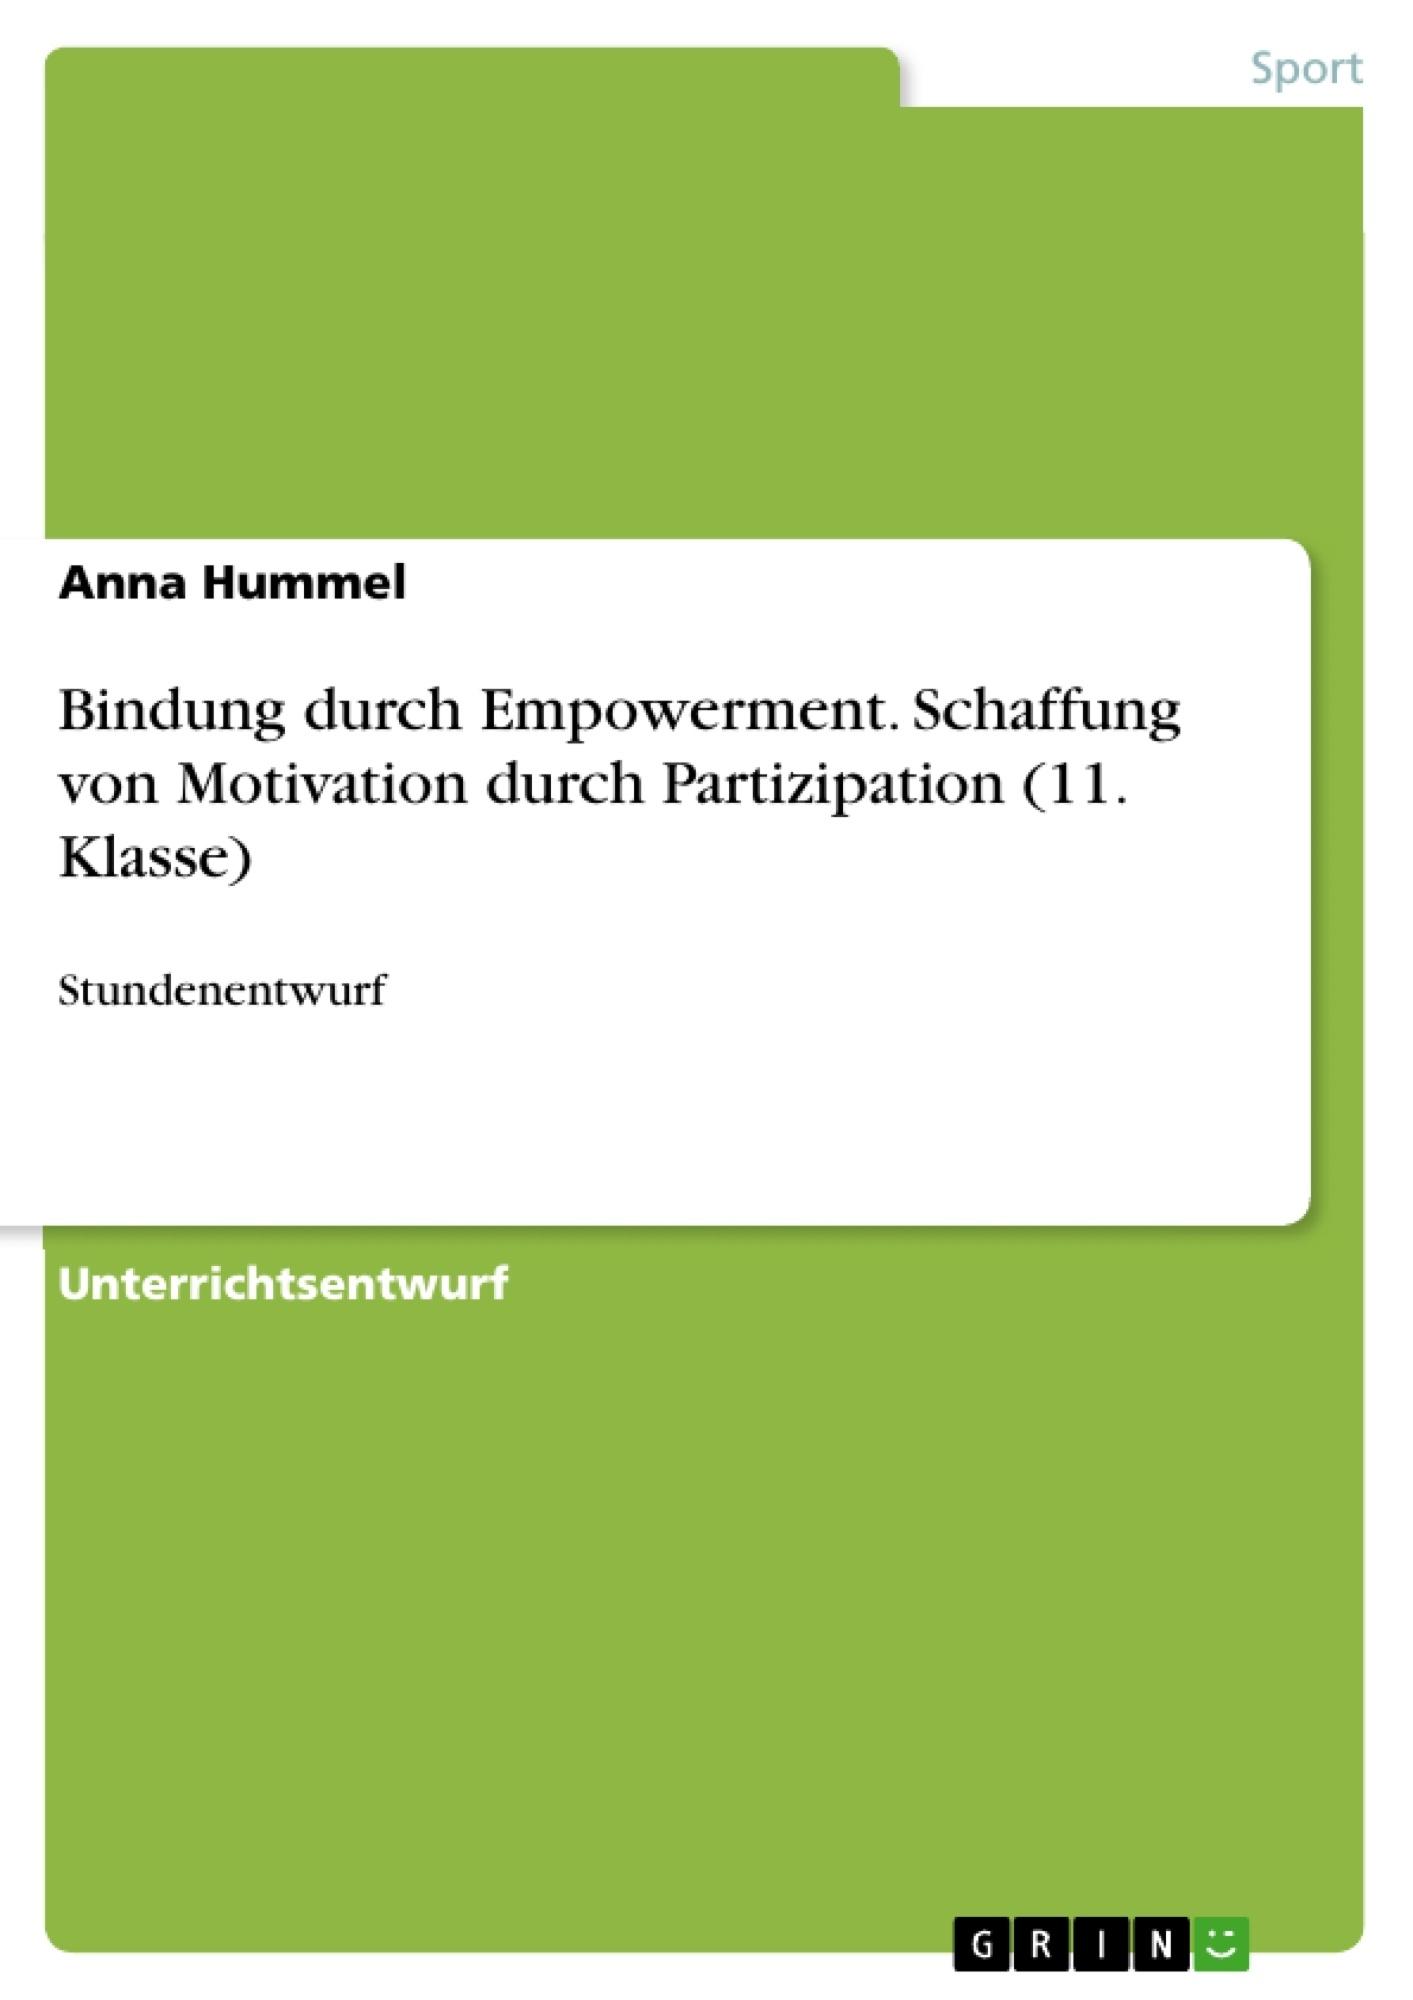 Titel: Bindung durch Empowerment. Schaffung von Motivation durch Partizipation (11. Klasse)